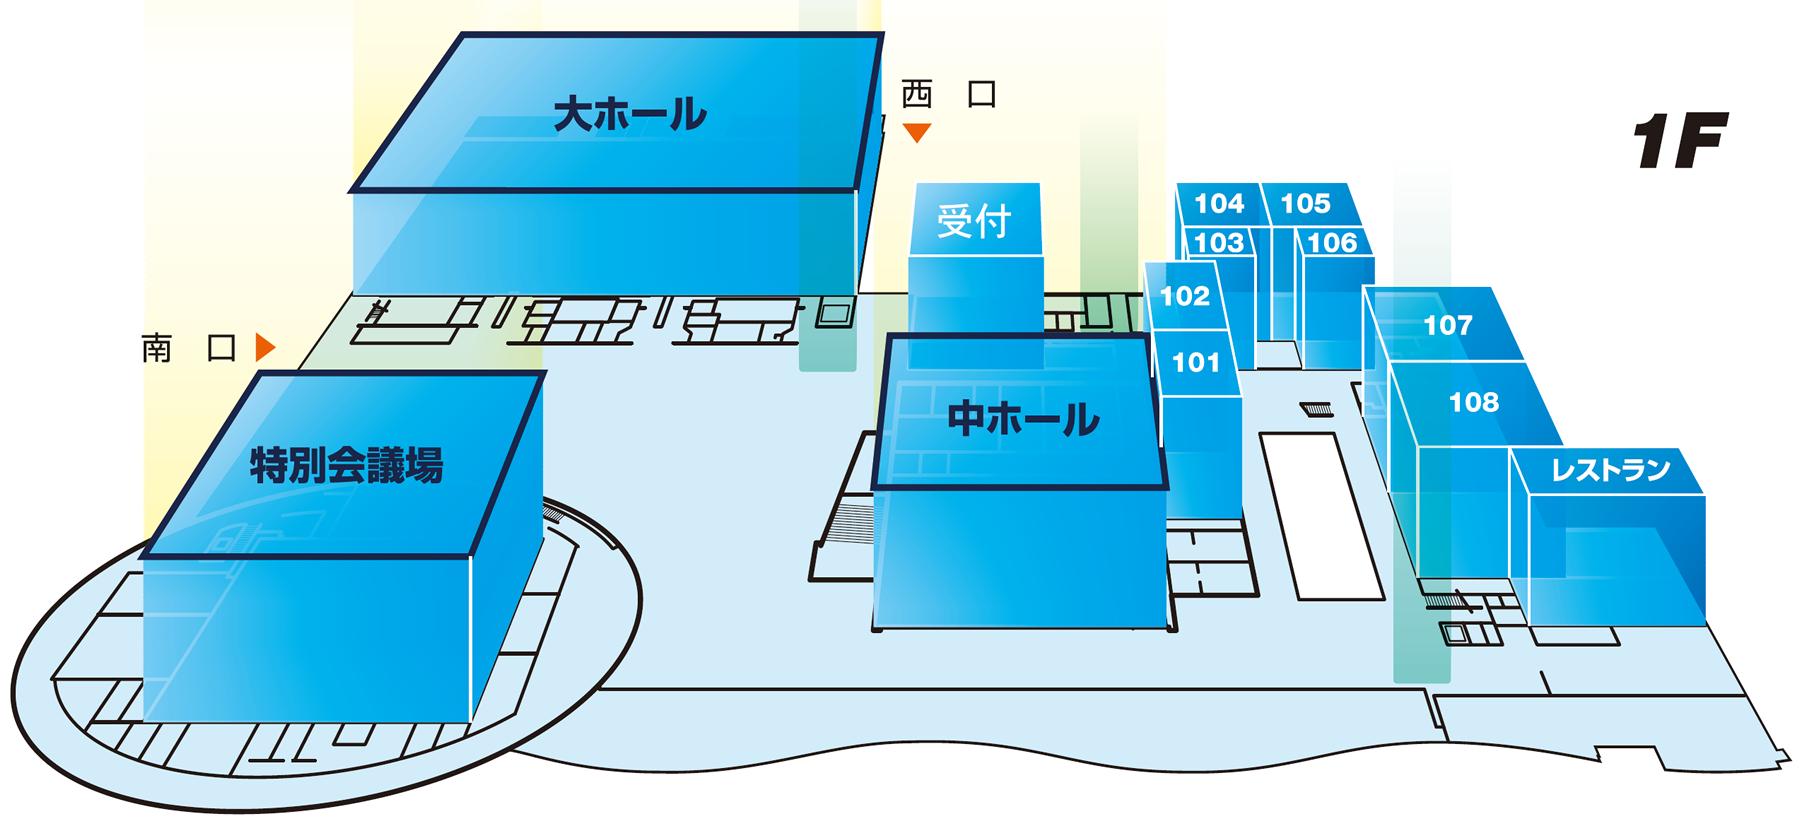 札幌コンベンションセンター(特別会議場)